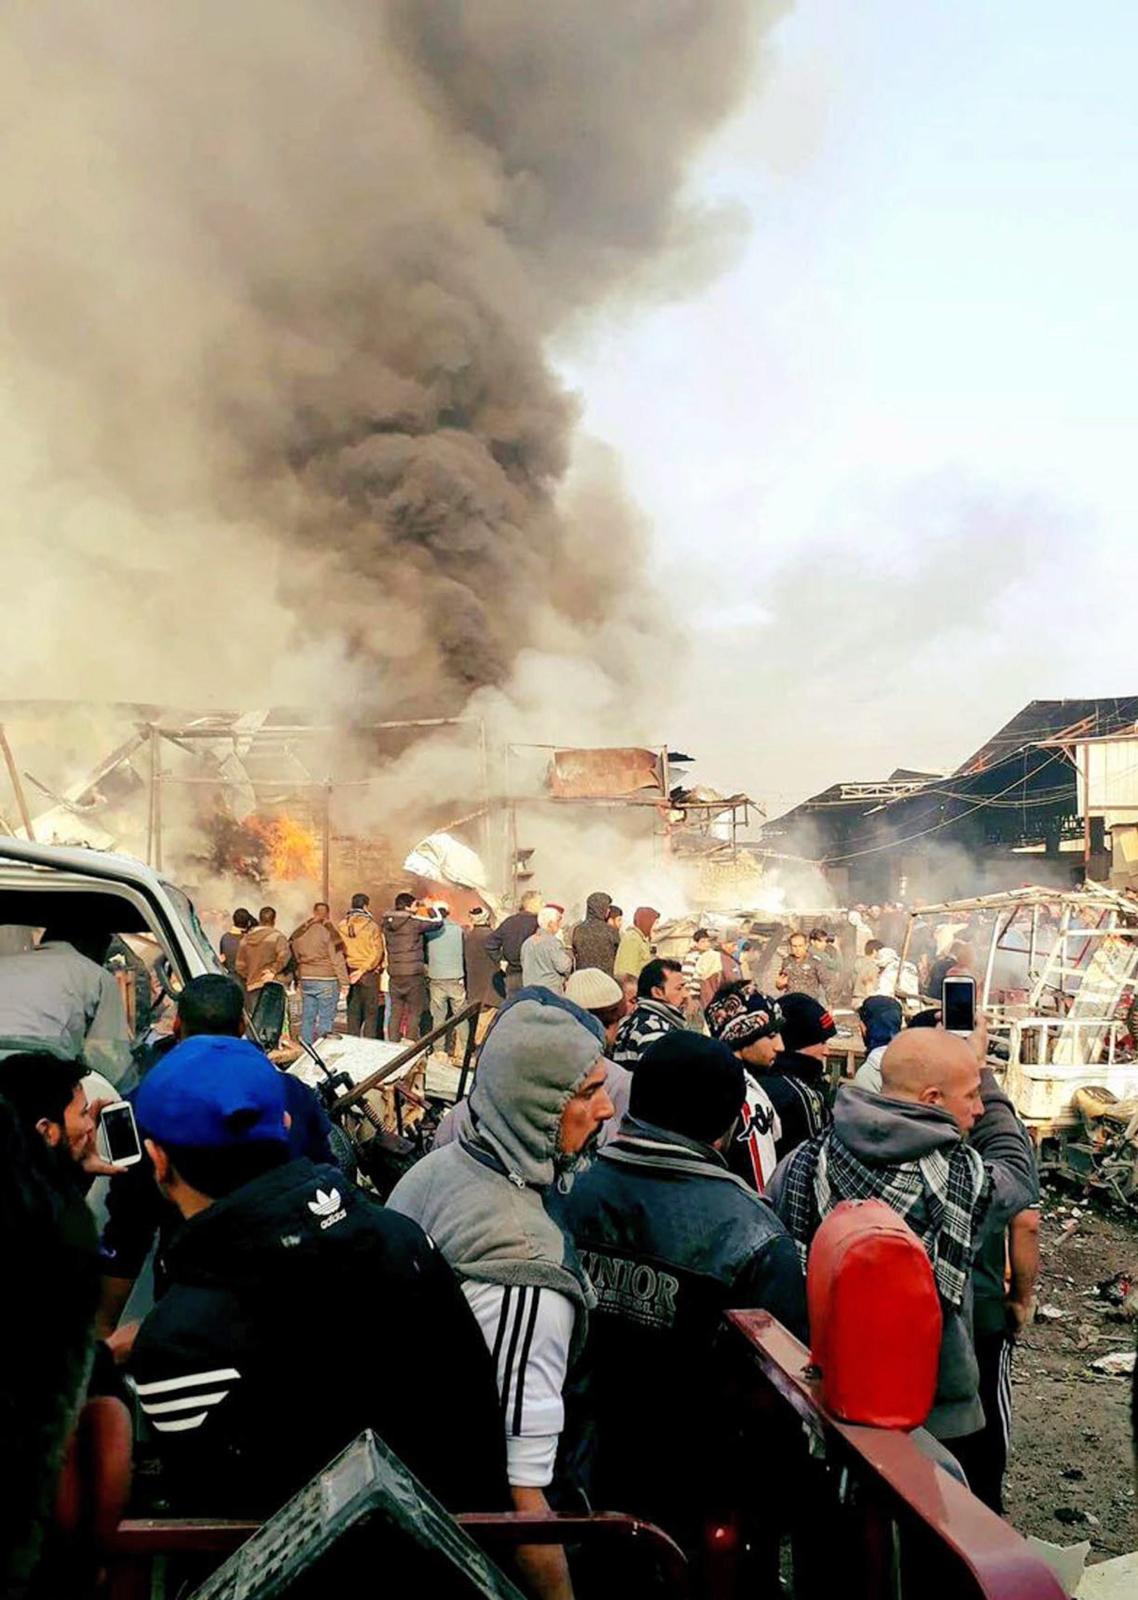 Atak bombowy w Bagdadzie w Iraku. Fot. PAP/EPA/STRINGER BEST QUALITY AVAILABLE